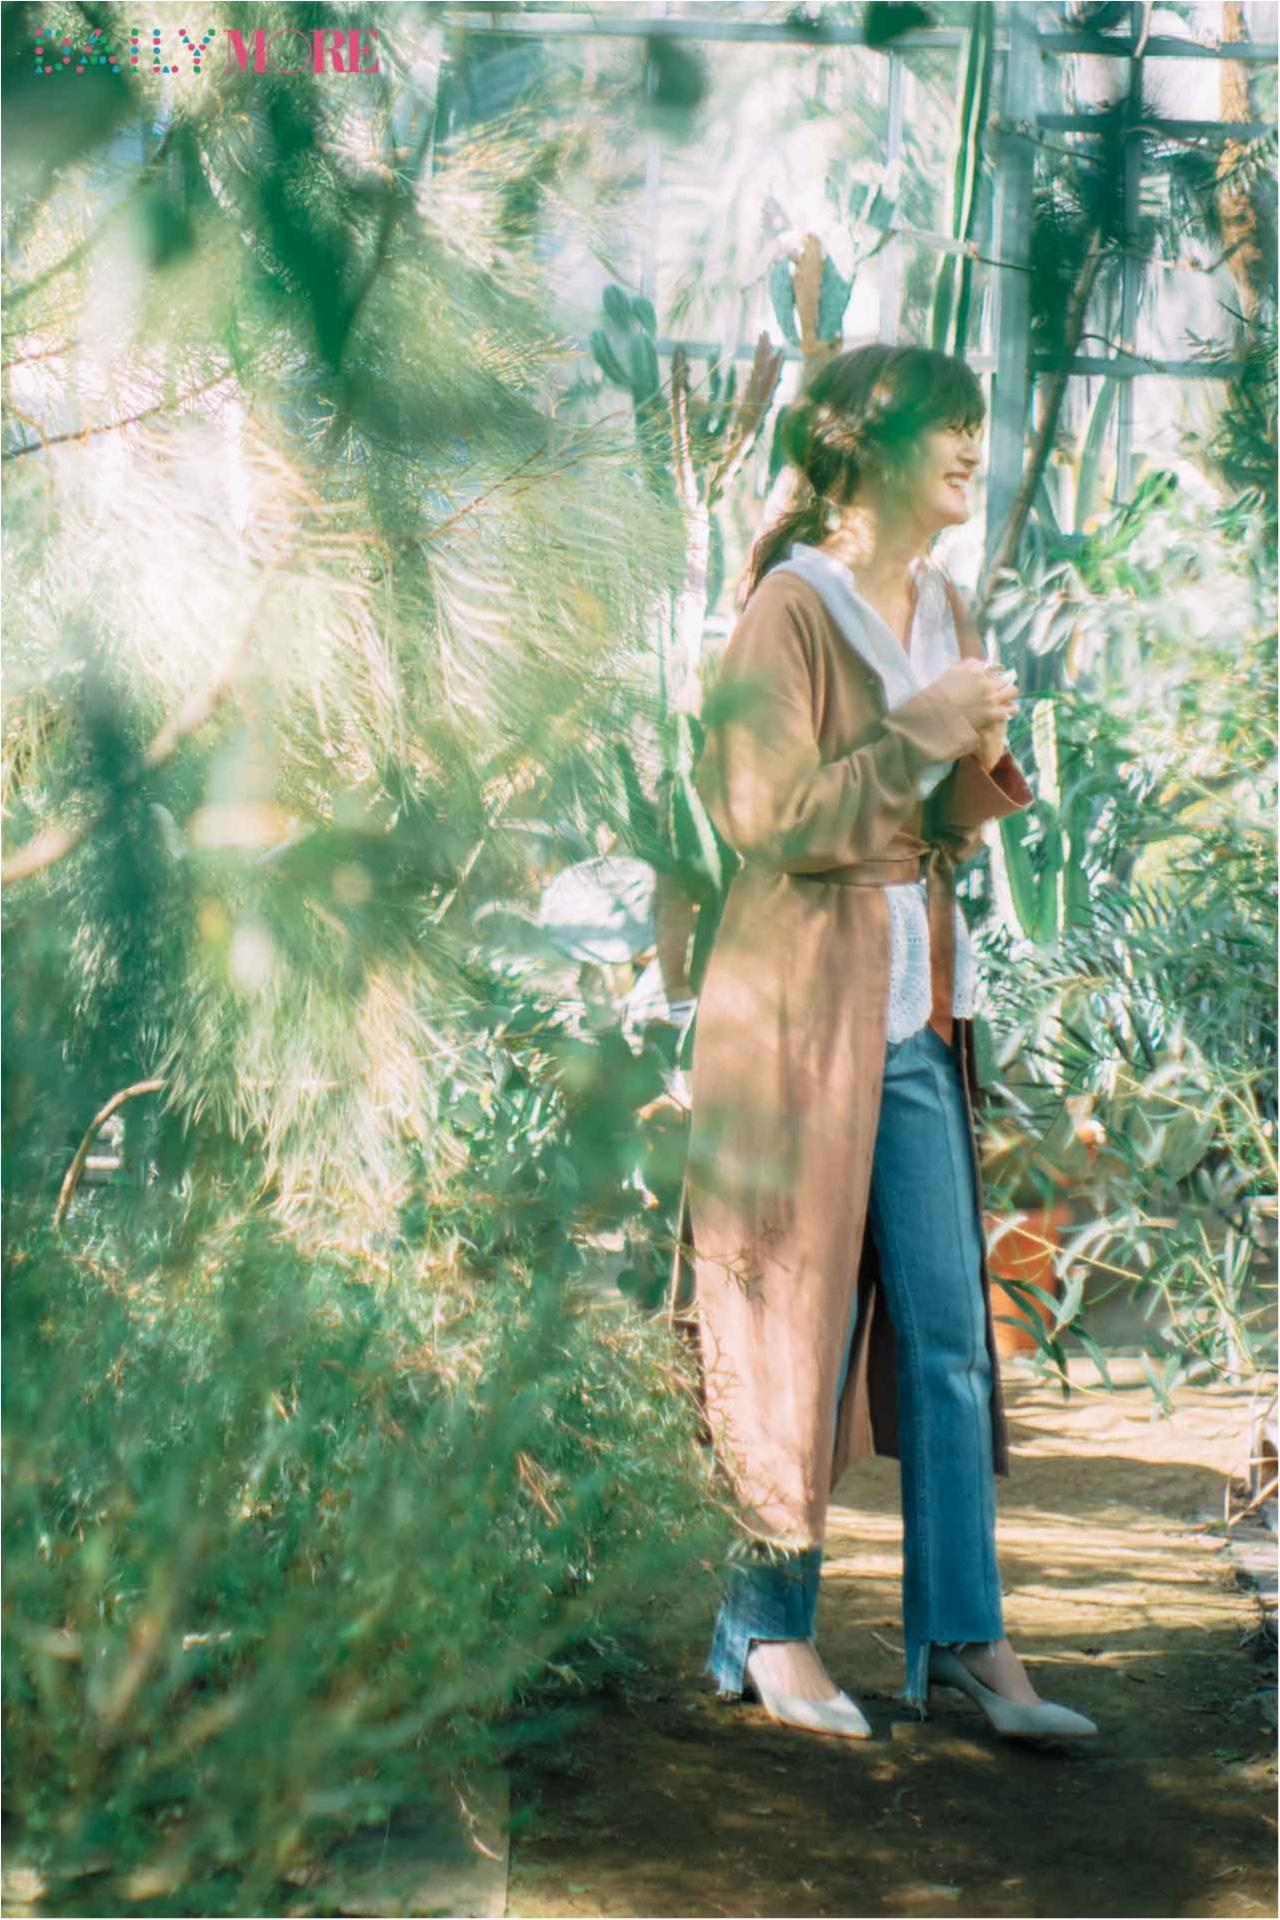 【今日のコーデ/佐藤ありさ】お散歩日和の土曜日は白シャツ×デニムをちょっぴり春らしく更新♪_1